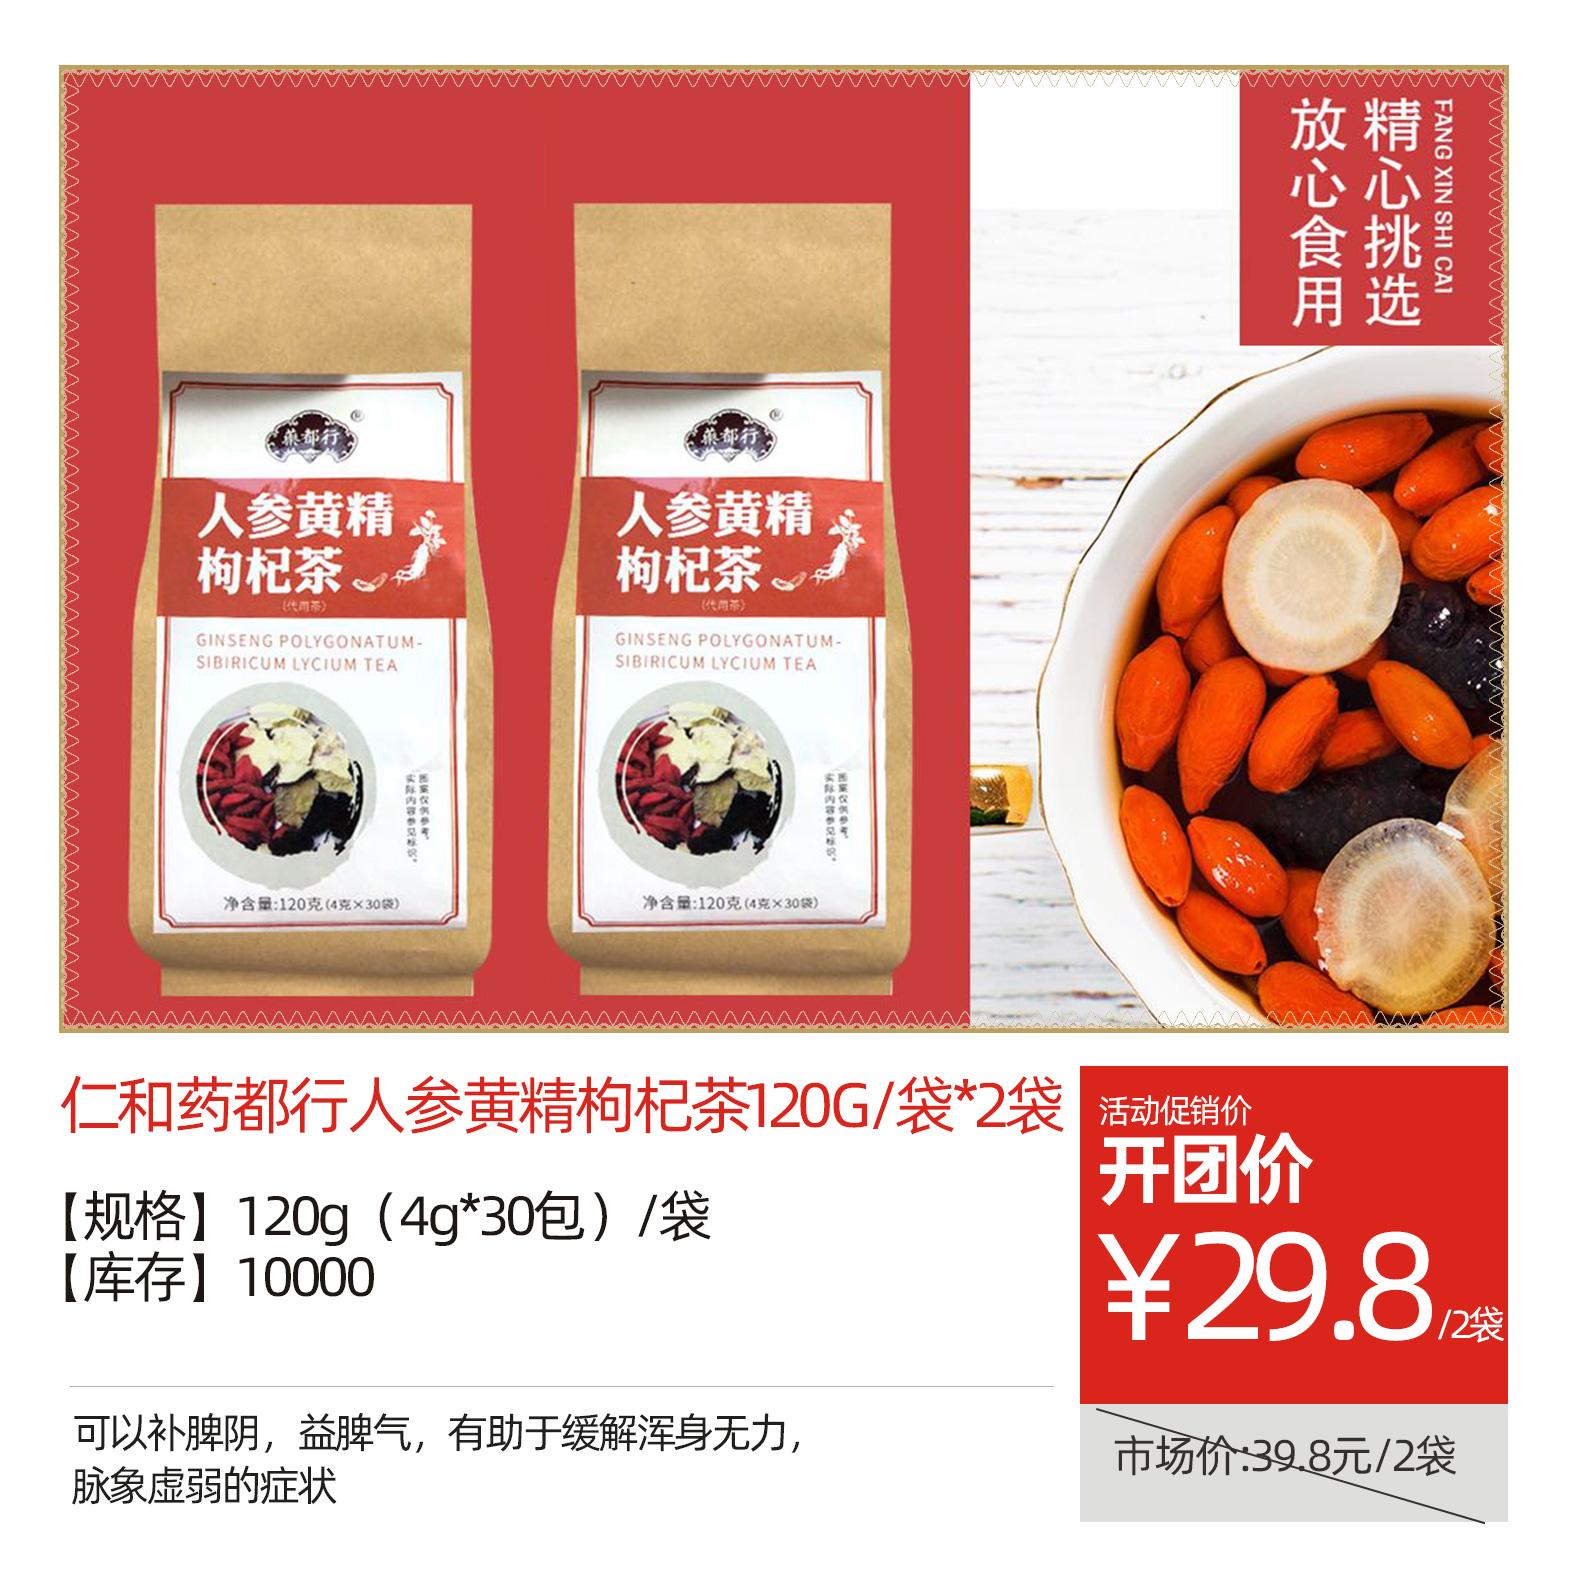 仁和药都行人参黄精枸杞茶120g/袋*2袋